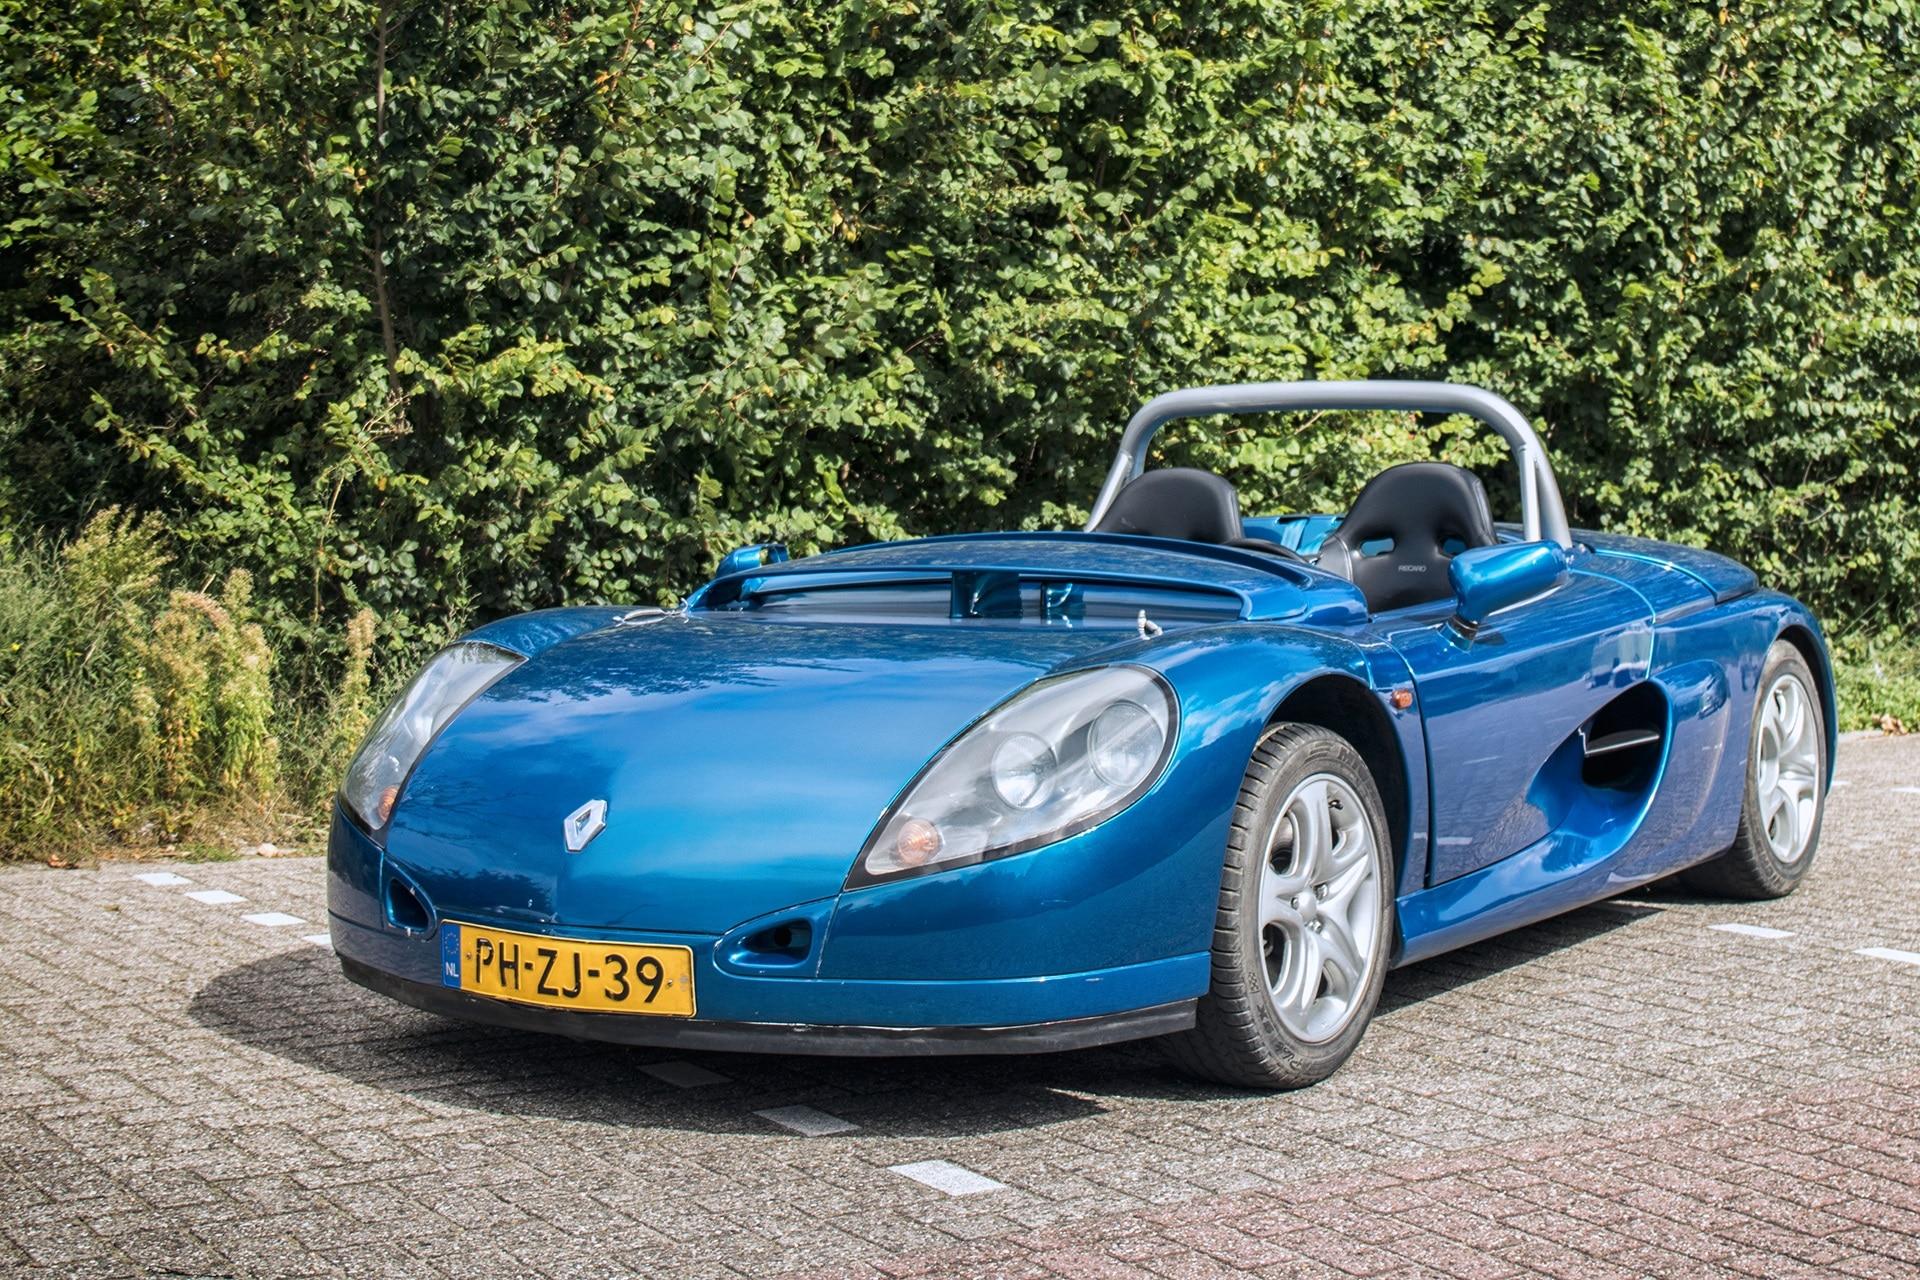 Blauwe Renault Sport Spider uit 1996 op een parkeerplaats